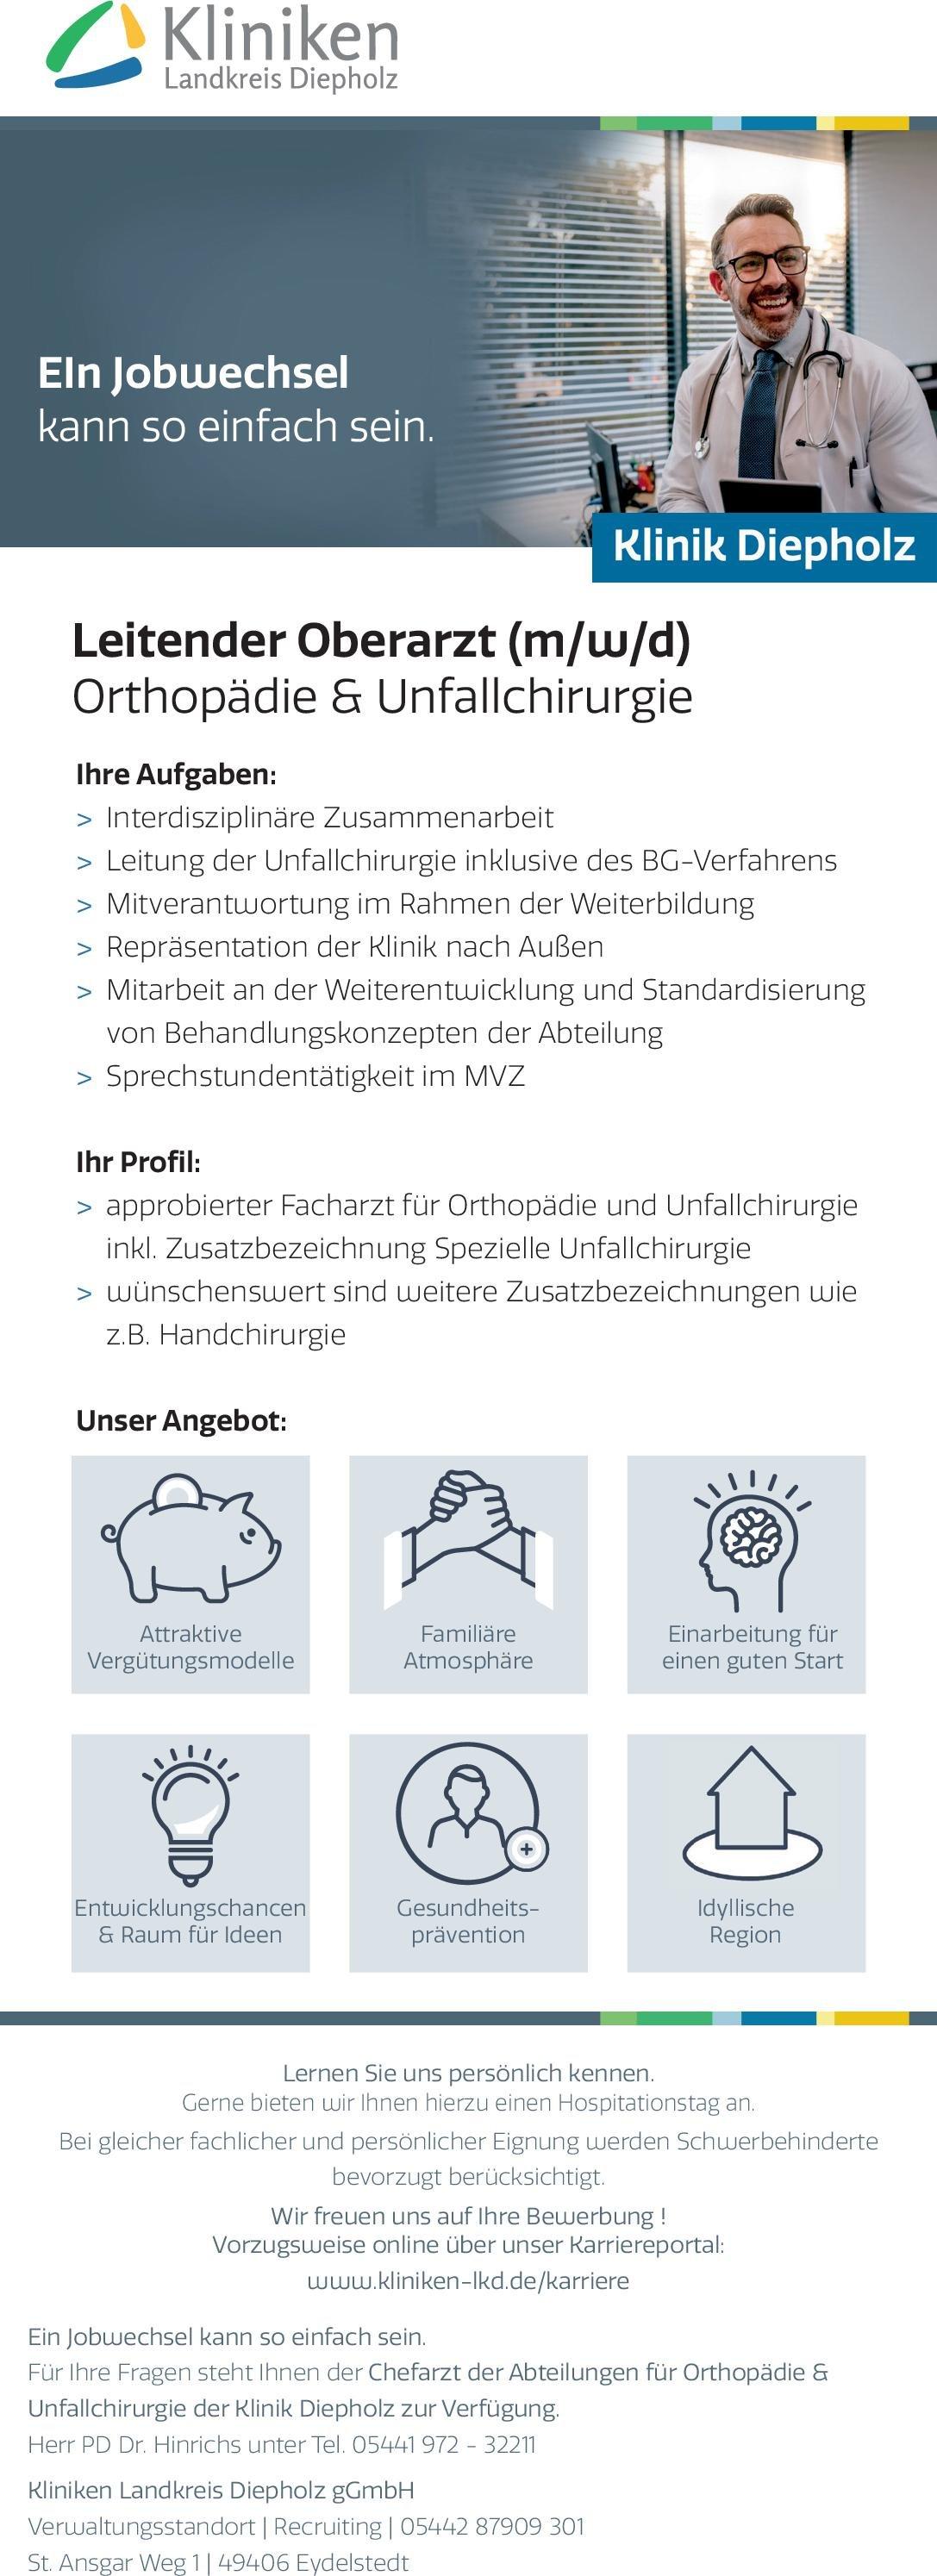 Kliniken Landkreis Diepholz gGmbH Leitender Oberarzt (m/w/d)Orthopädie & Unfallchirurgie  Orthopädie und Unfallchirurgie, Chirurgie Oberarzt